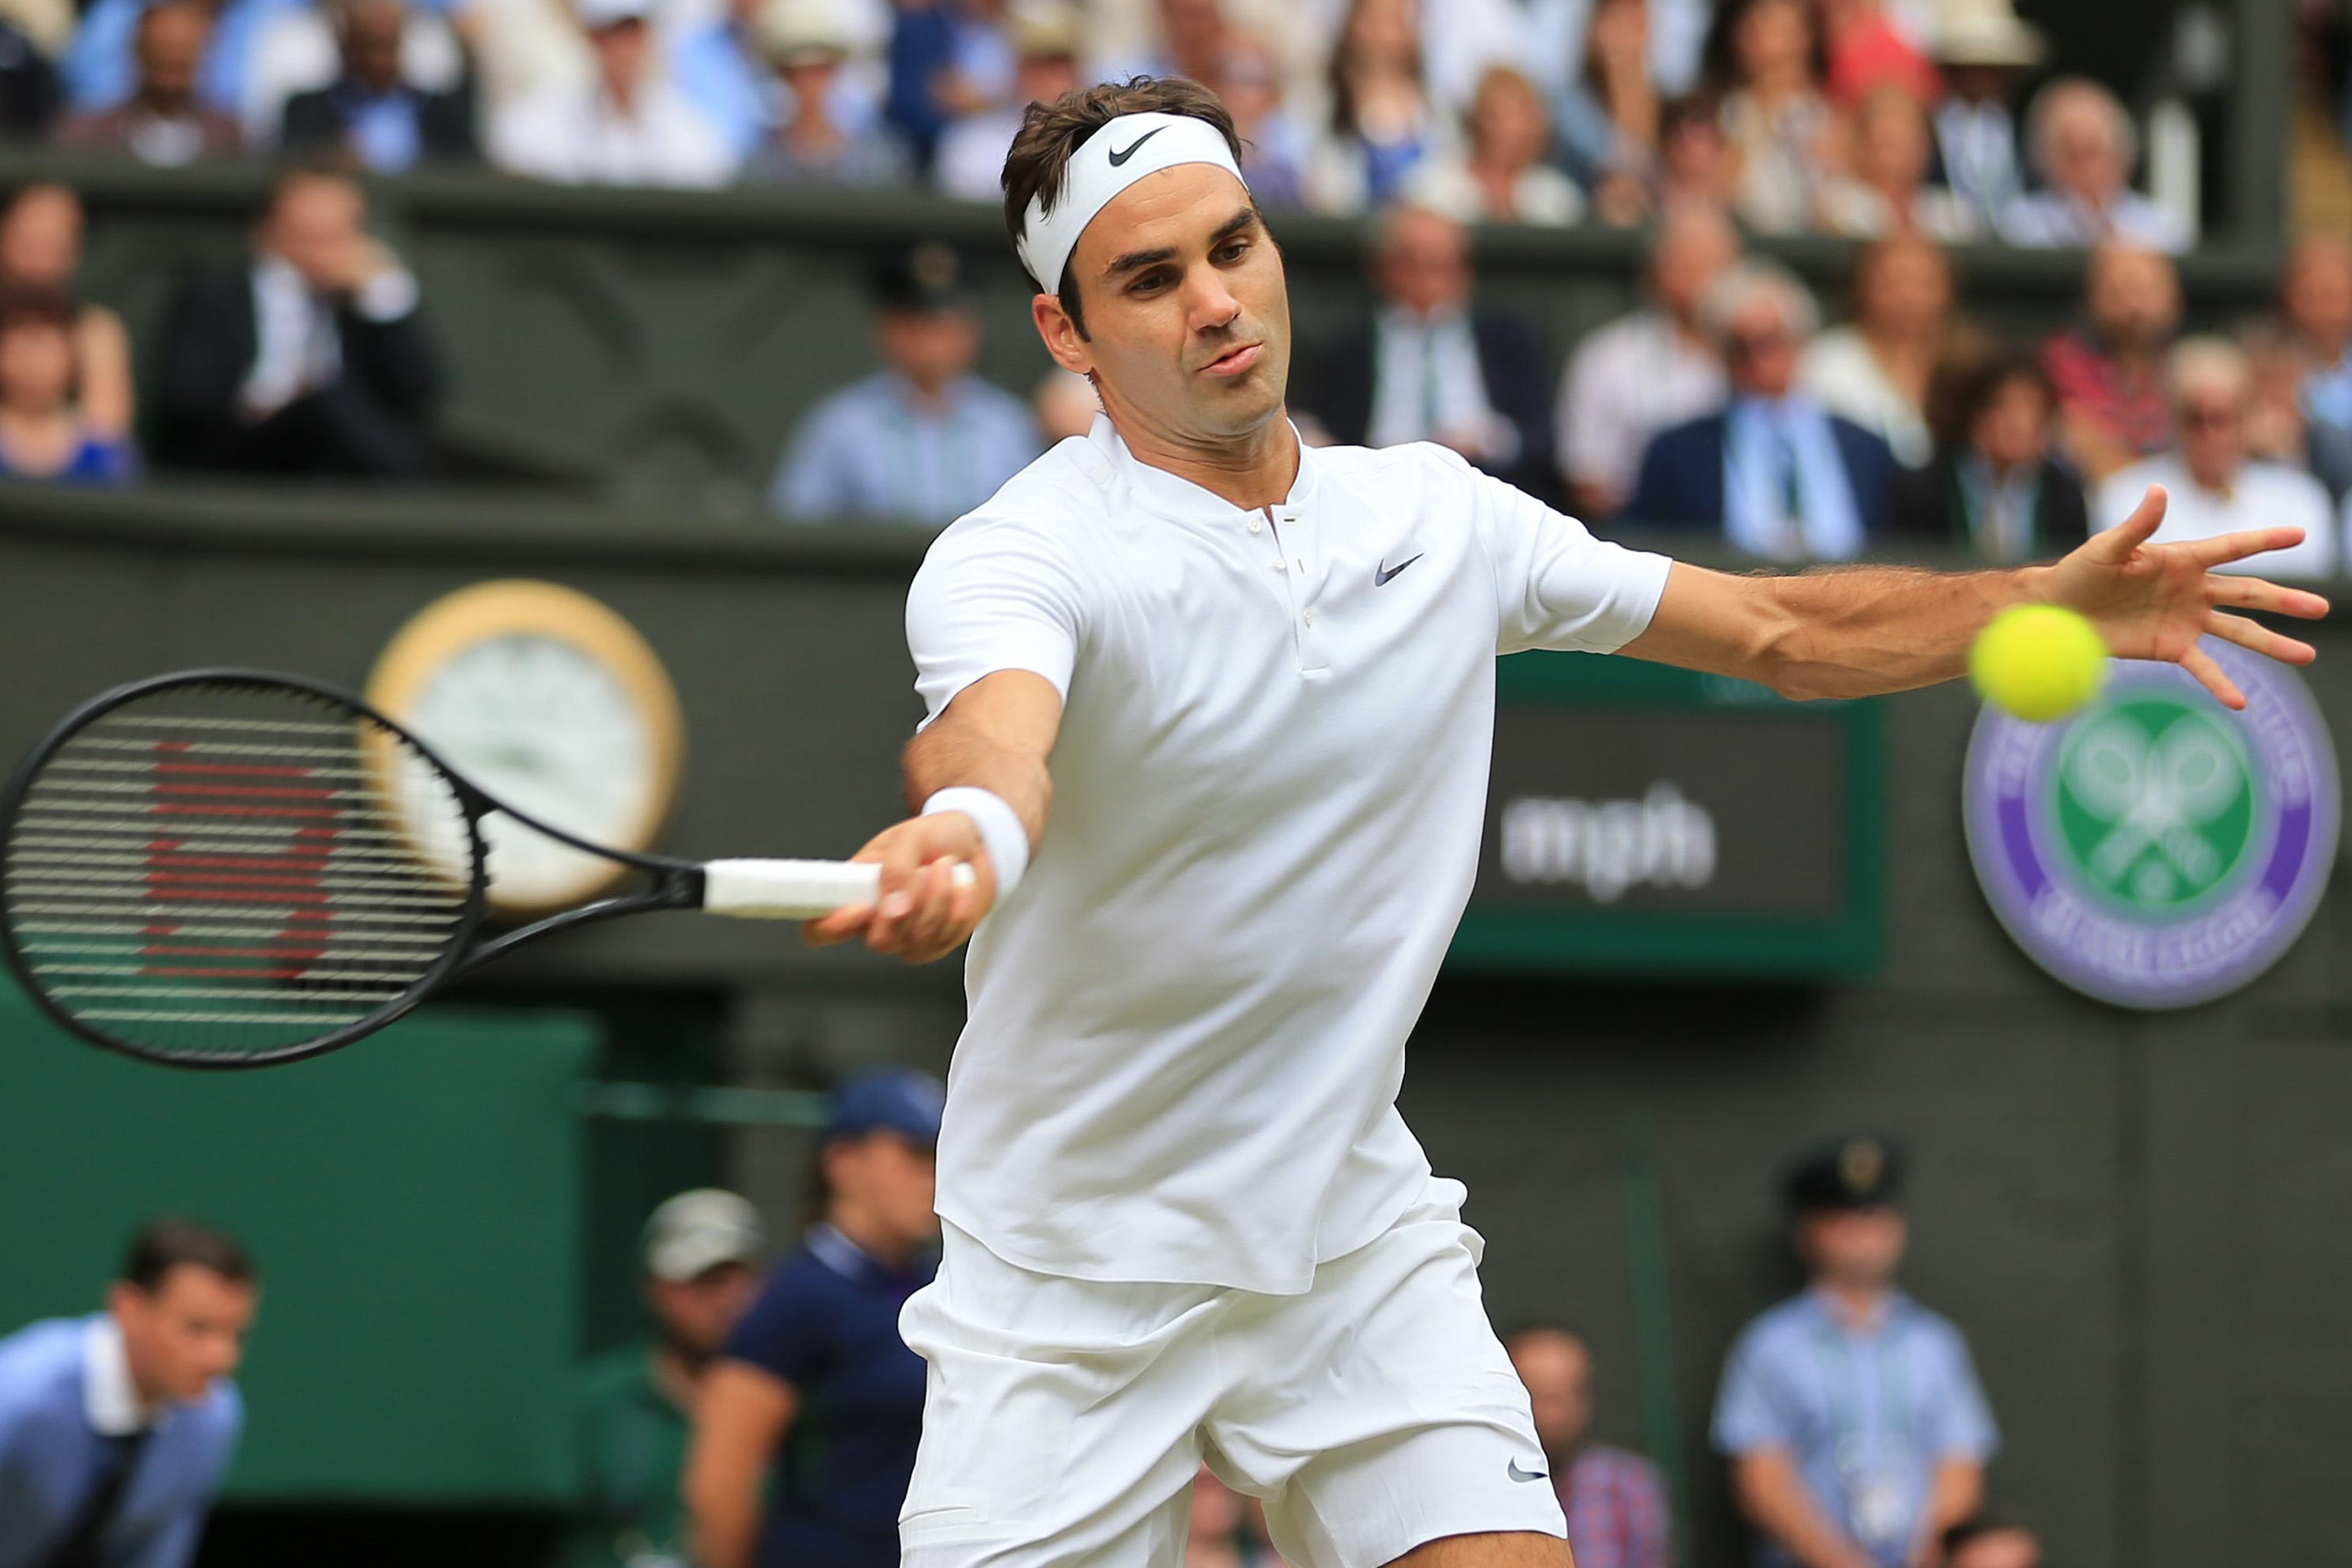 Highest prize money in tennis